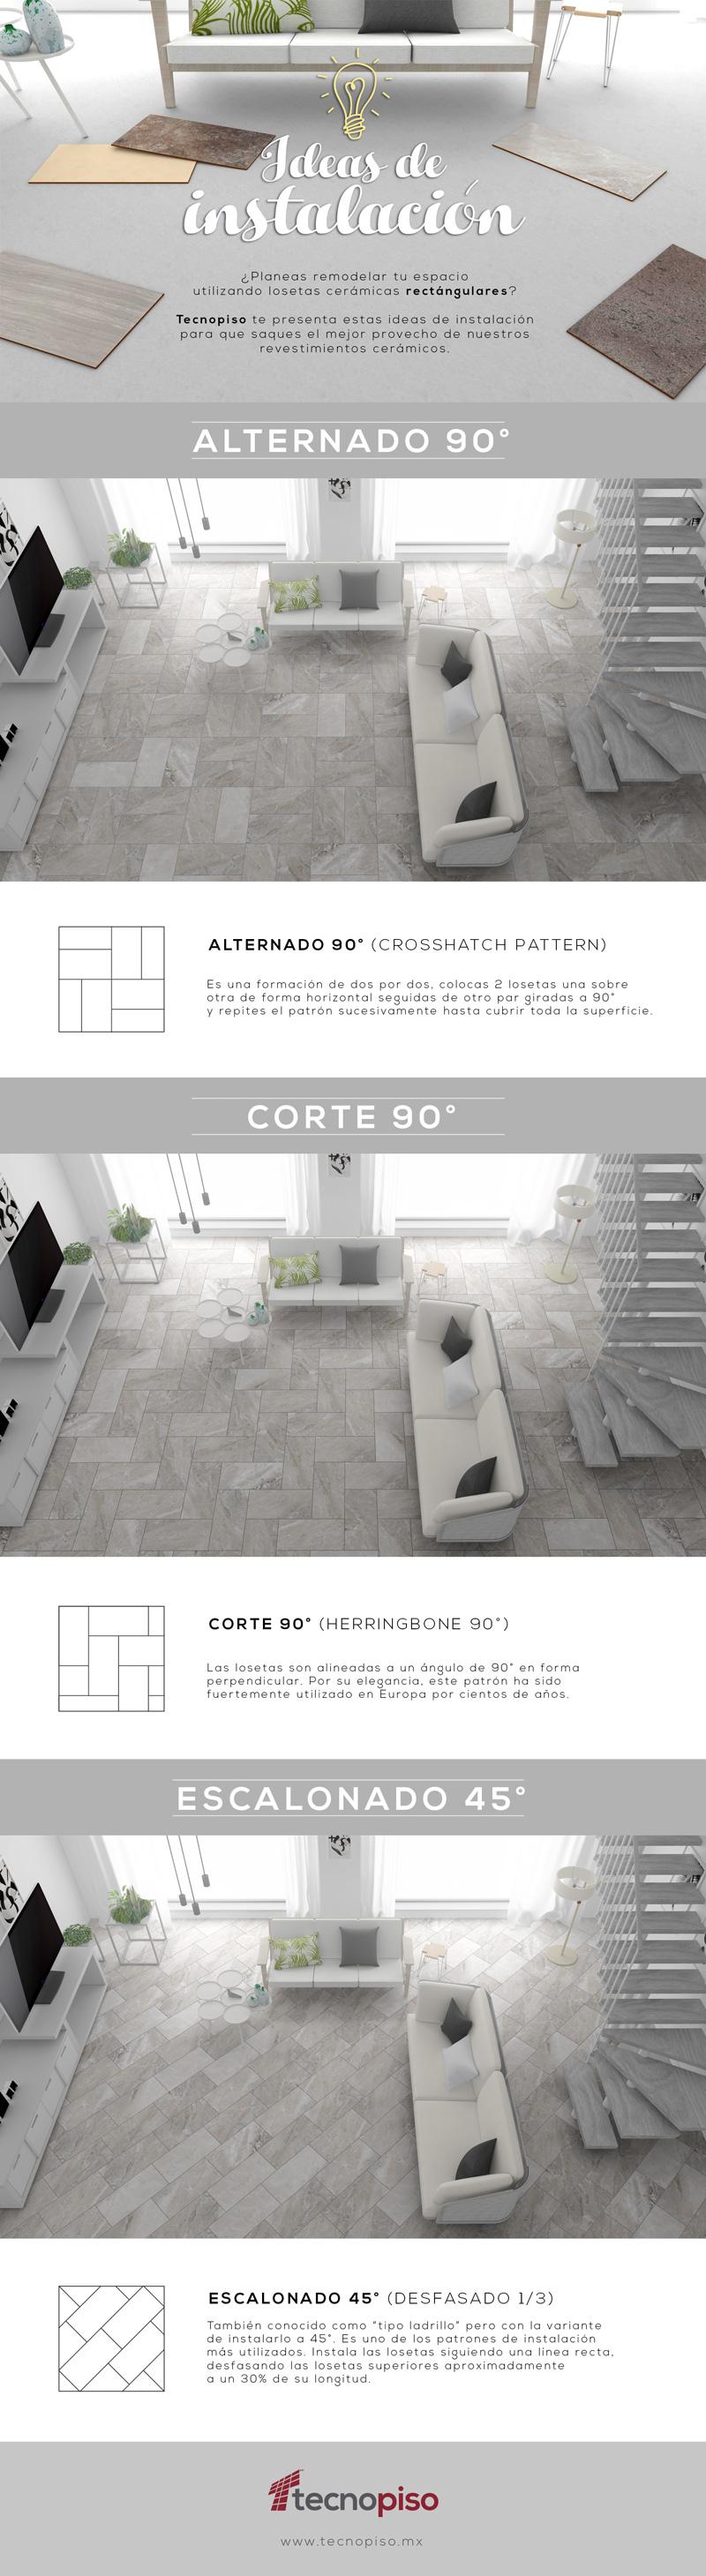 Poner suelo ceramico encima de otro latest with poner - Se puede colocar un piso ceramico sobre otro ...